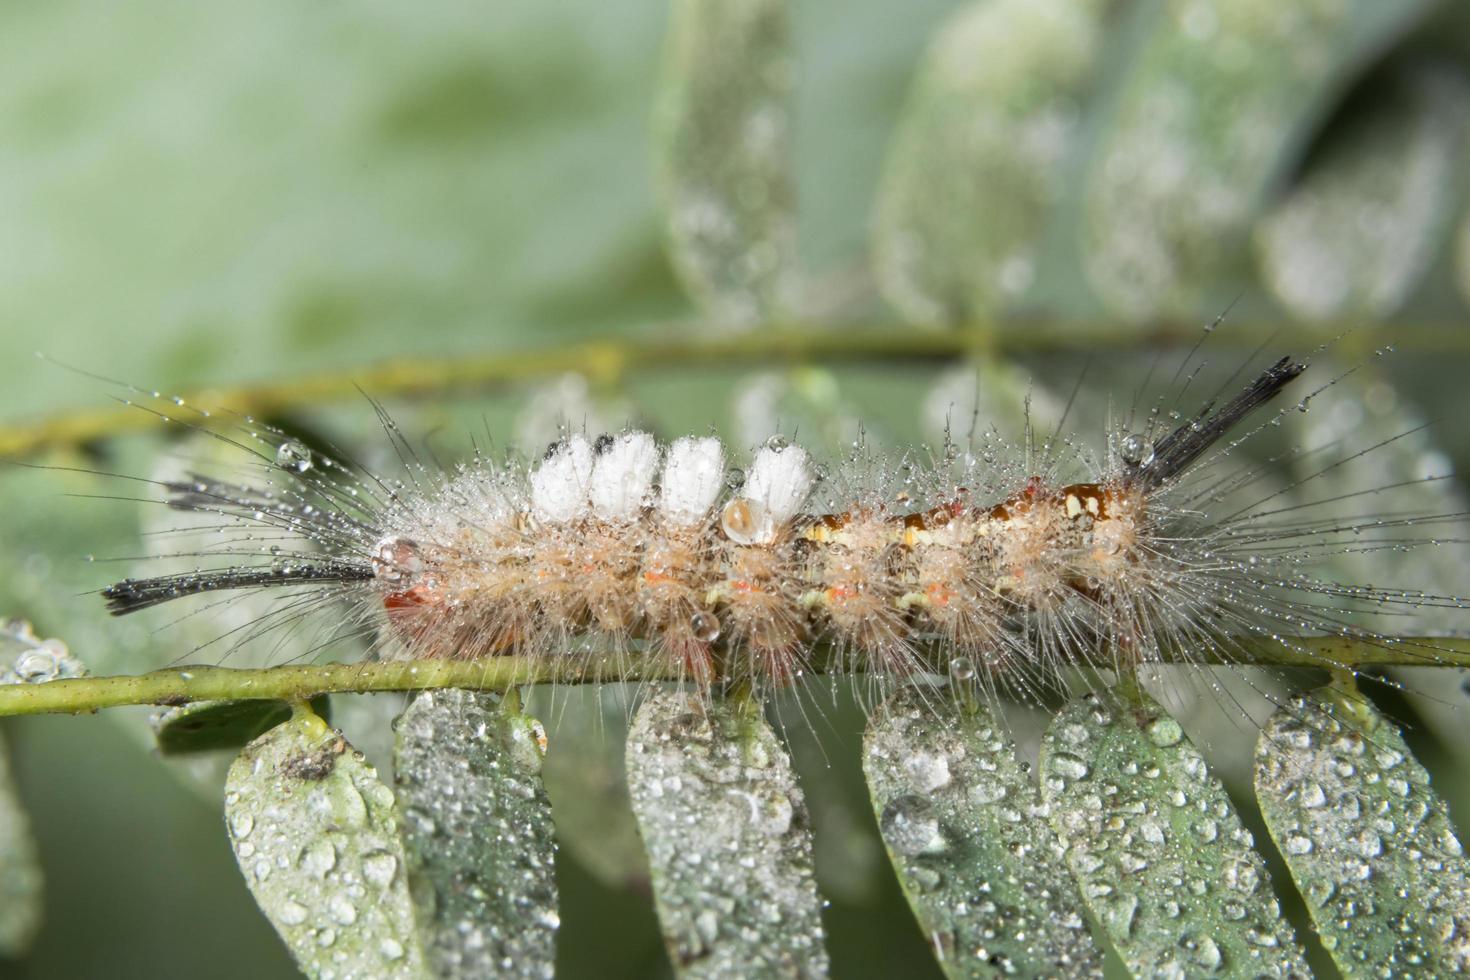 worm op een plant foto